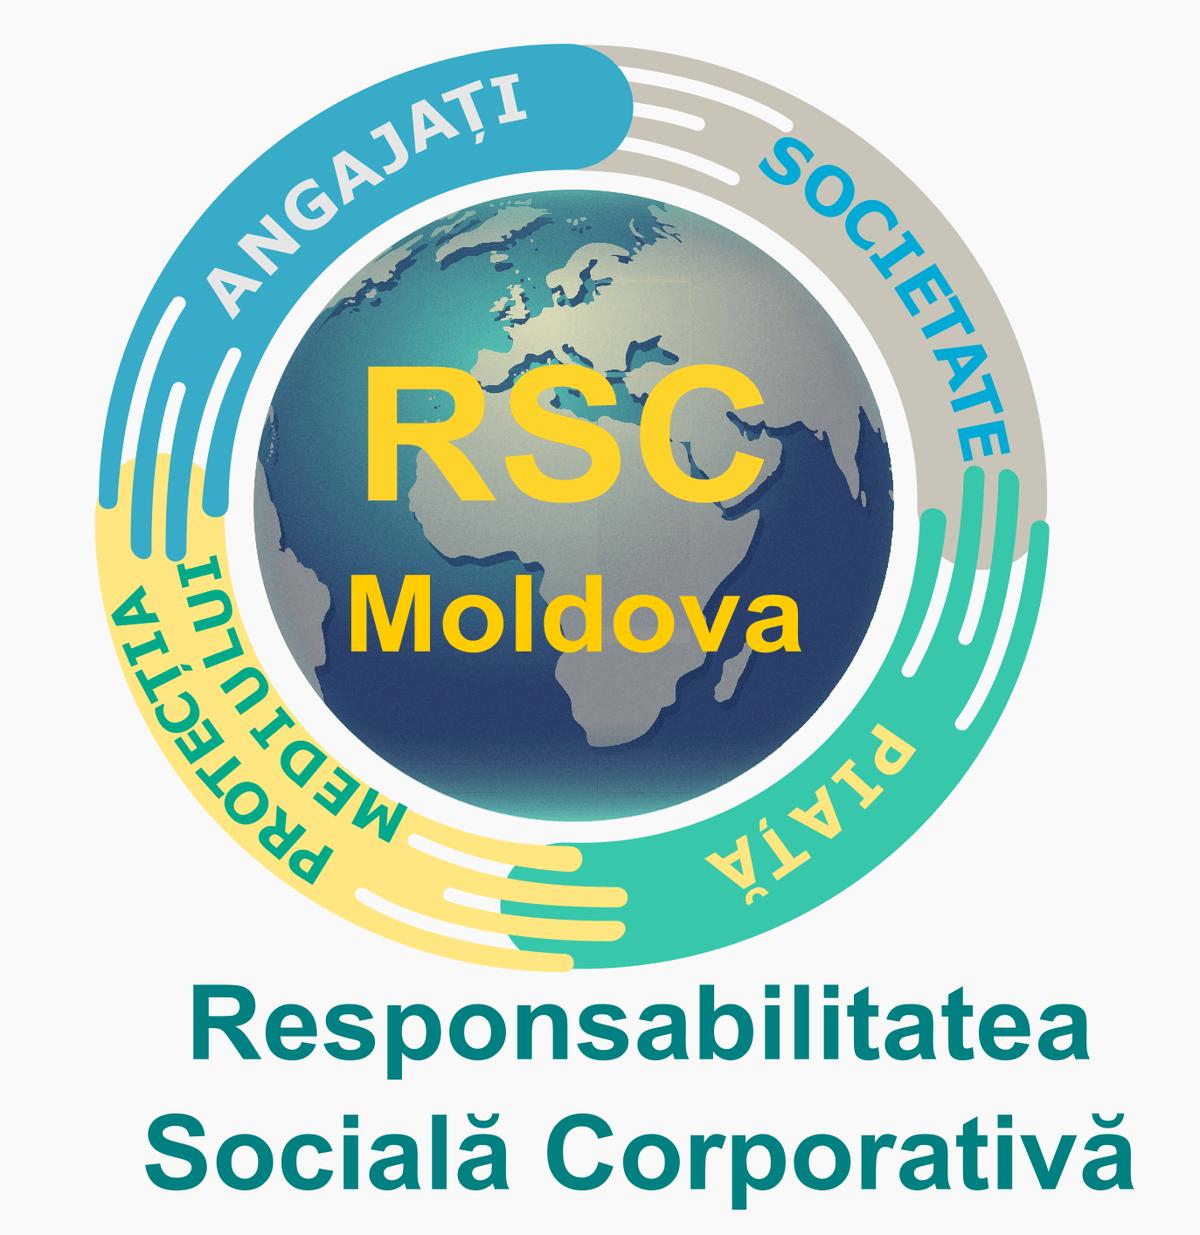 Importanța activității de Responsabilitate Socială Corporativă pentru societate și întreprinderi